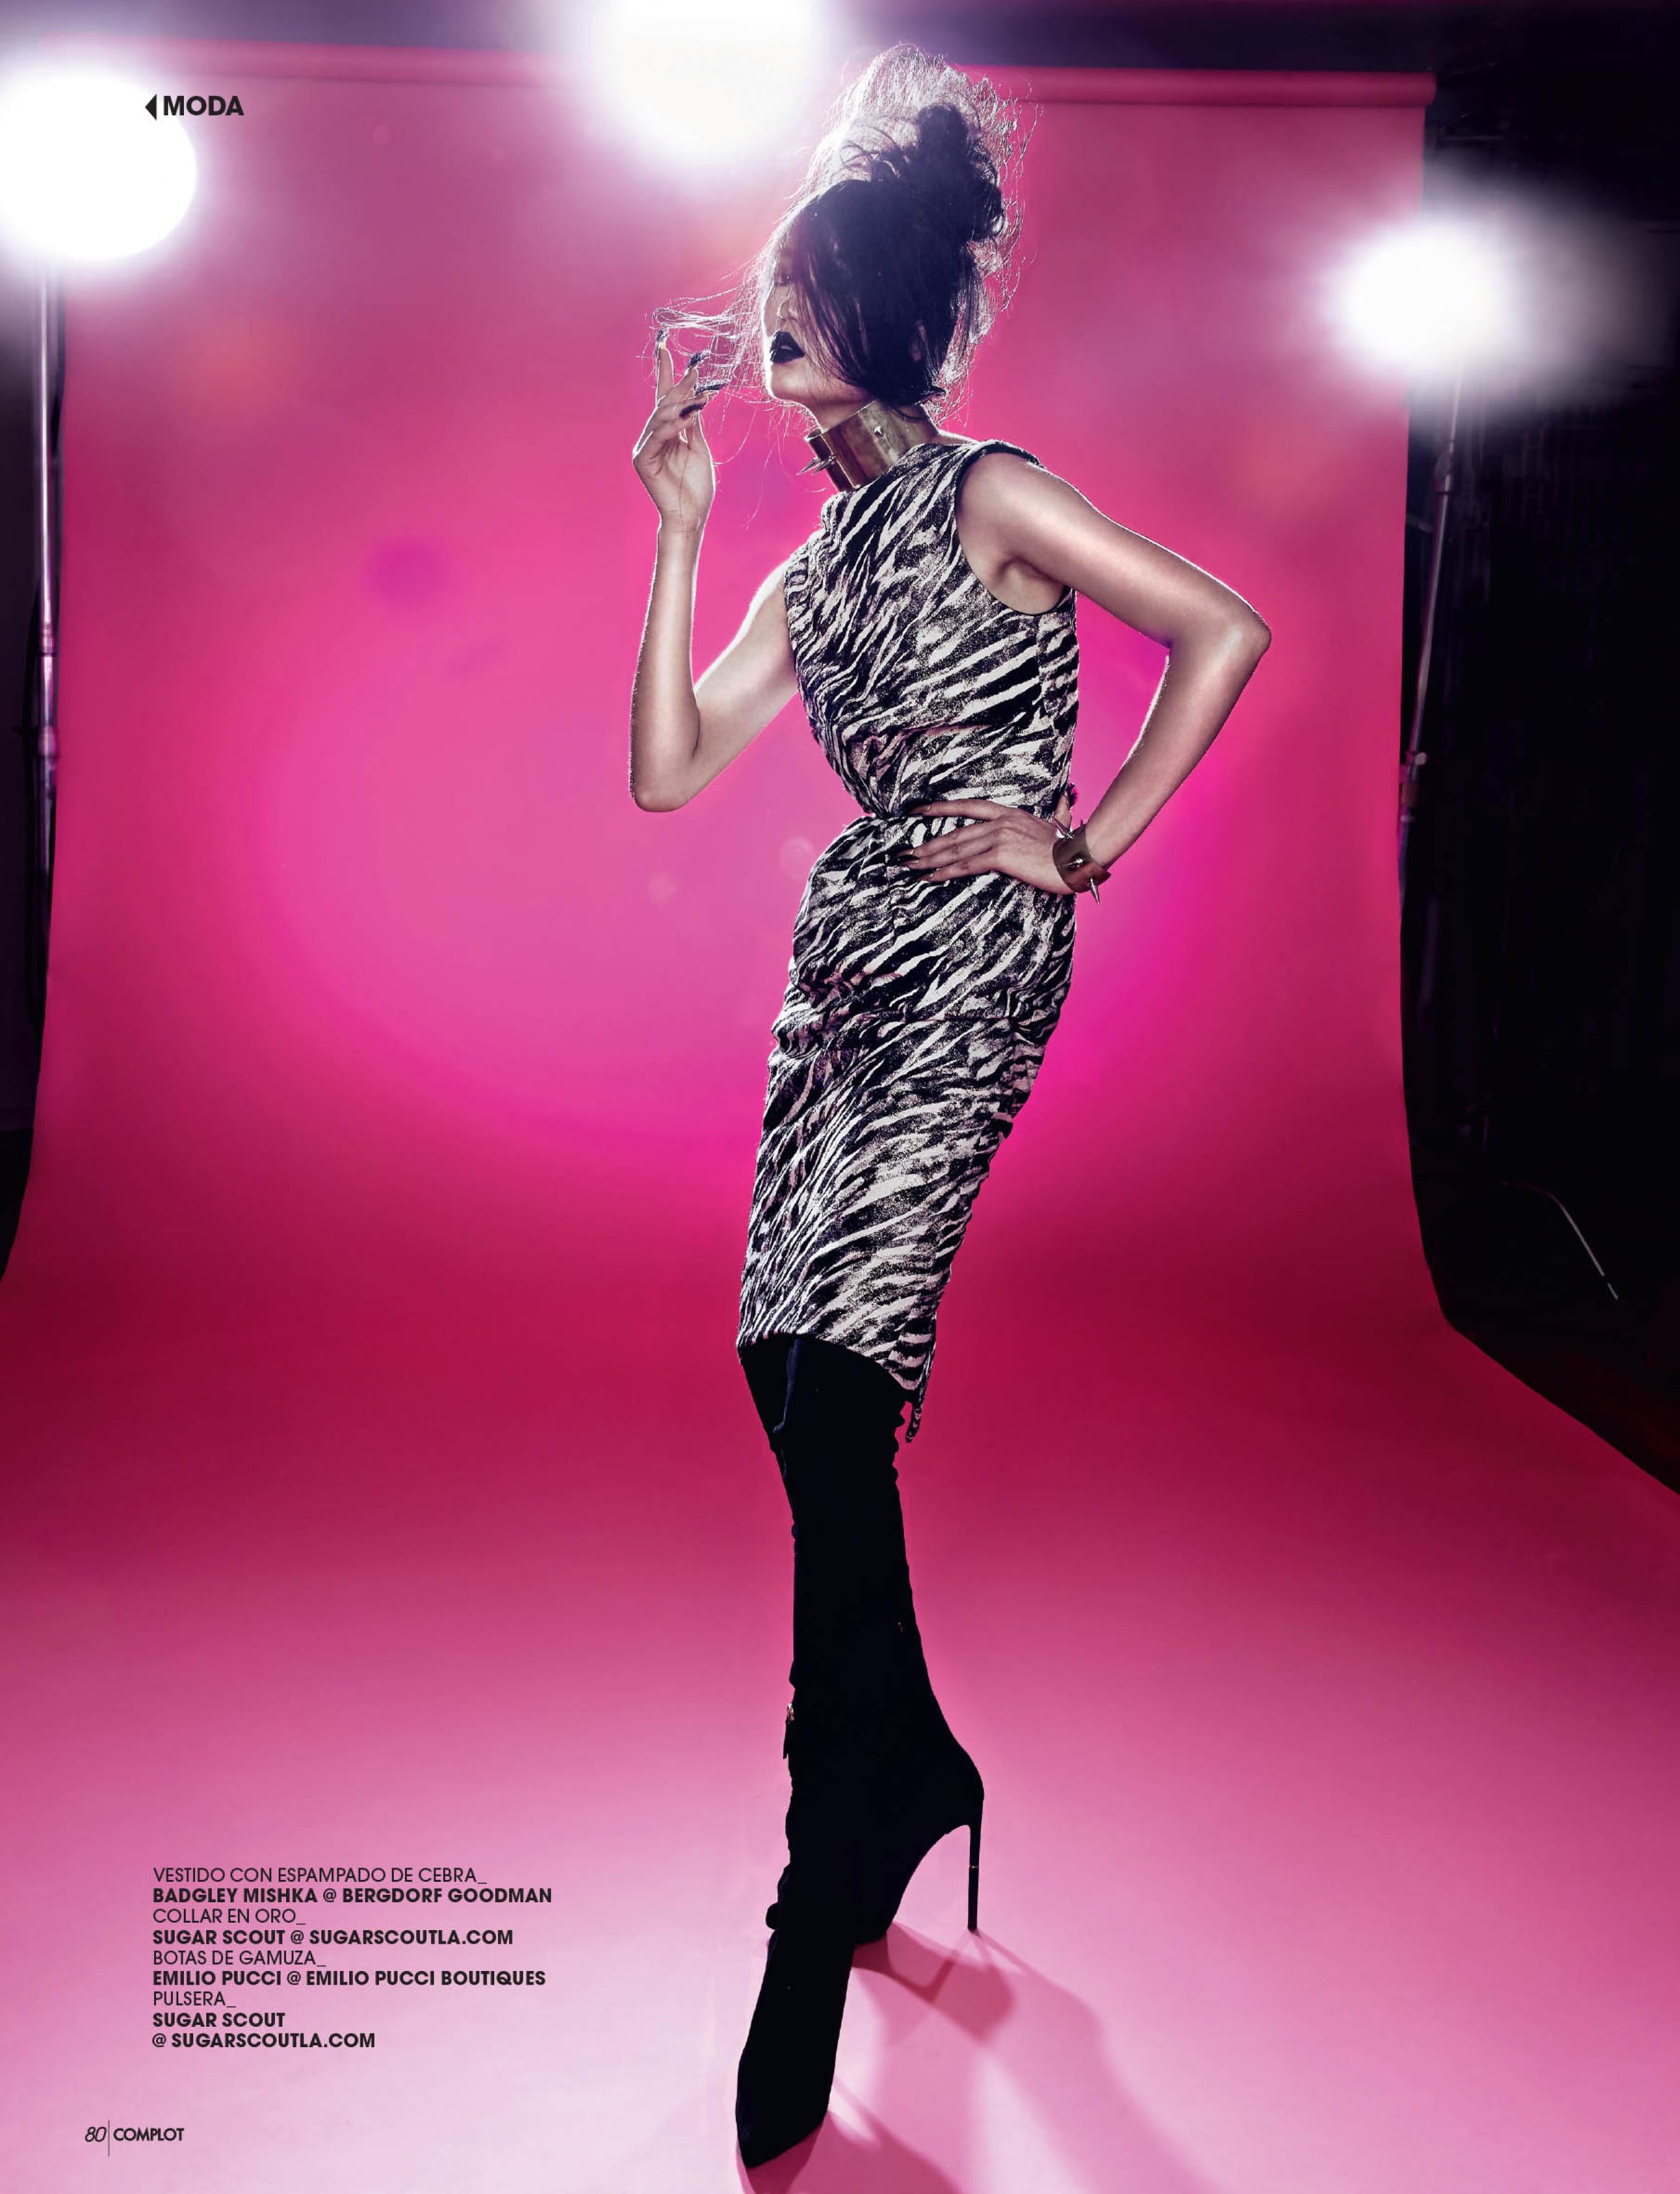 fashion 126-7 copy 2.jpg